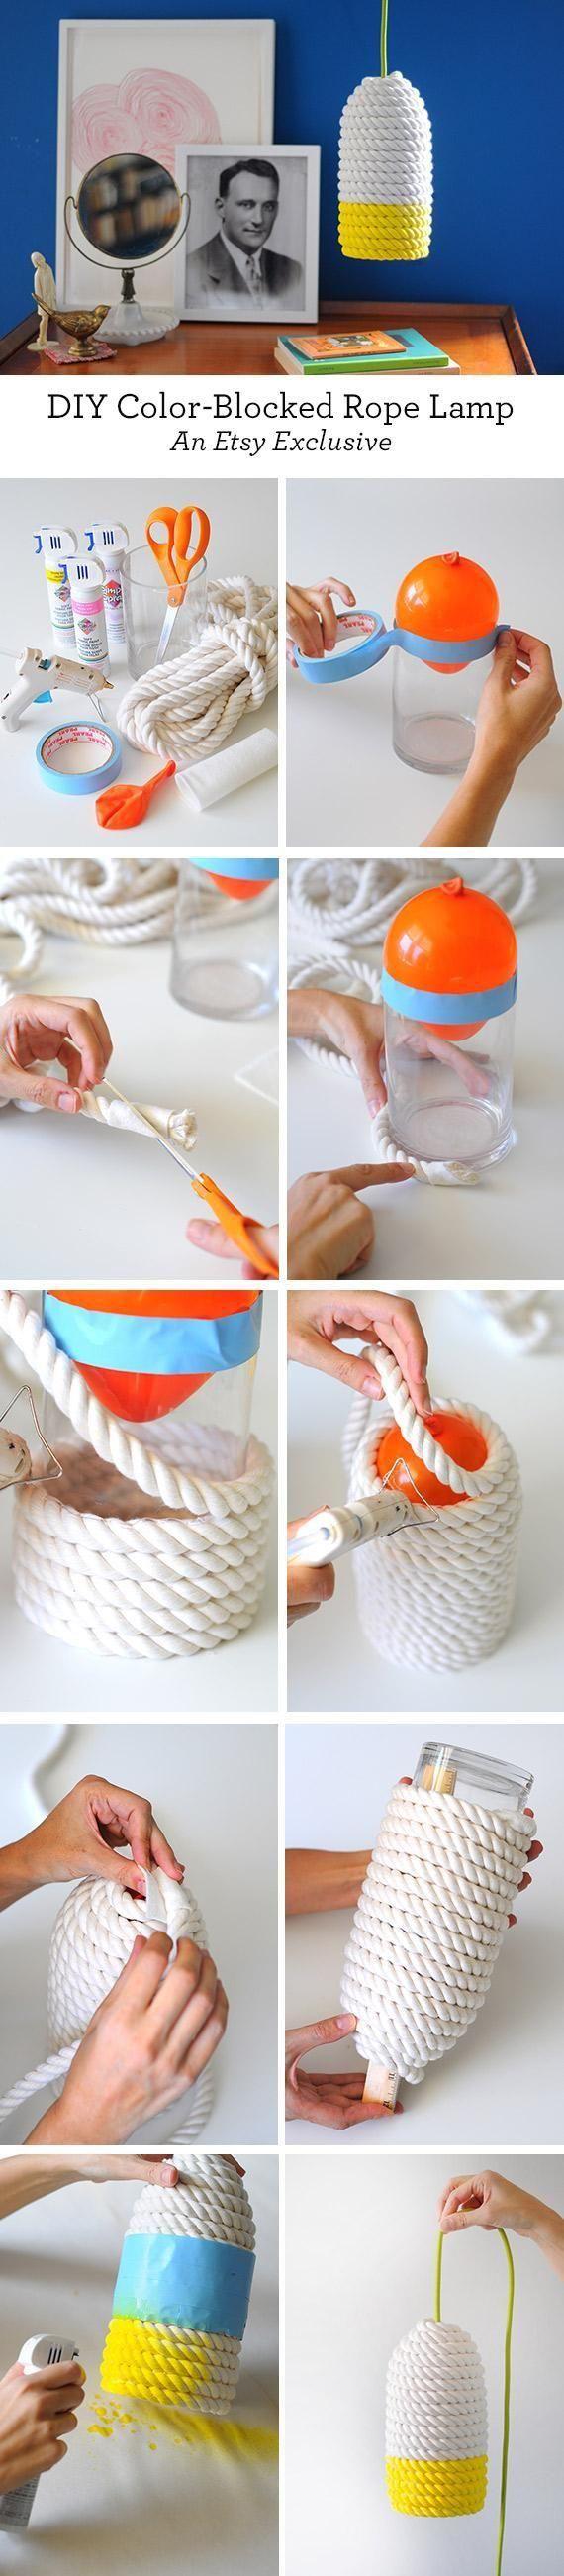 Tutorial de Lámpara hecha de cuerda                                                                                                                                                                                 Más